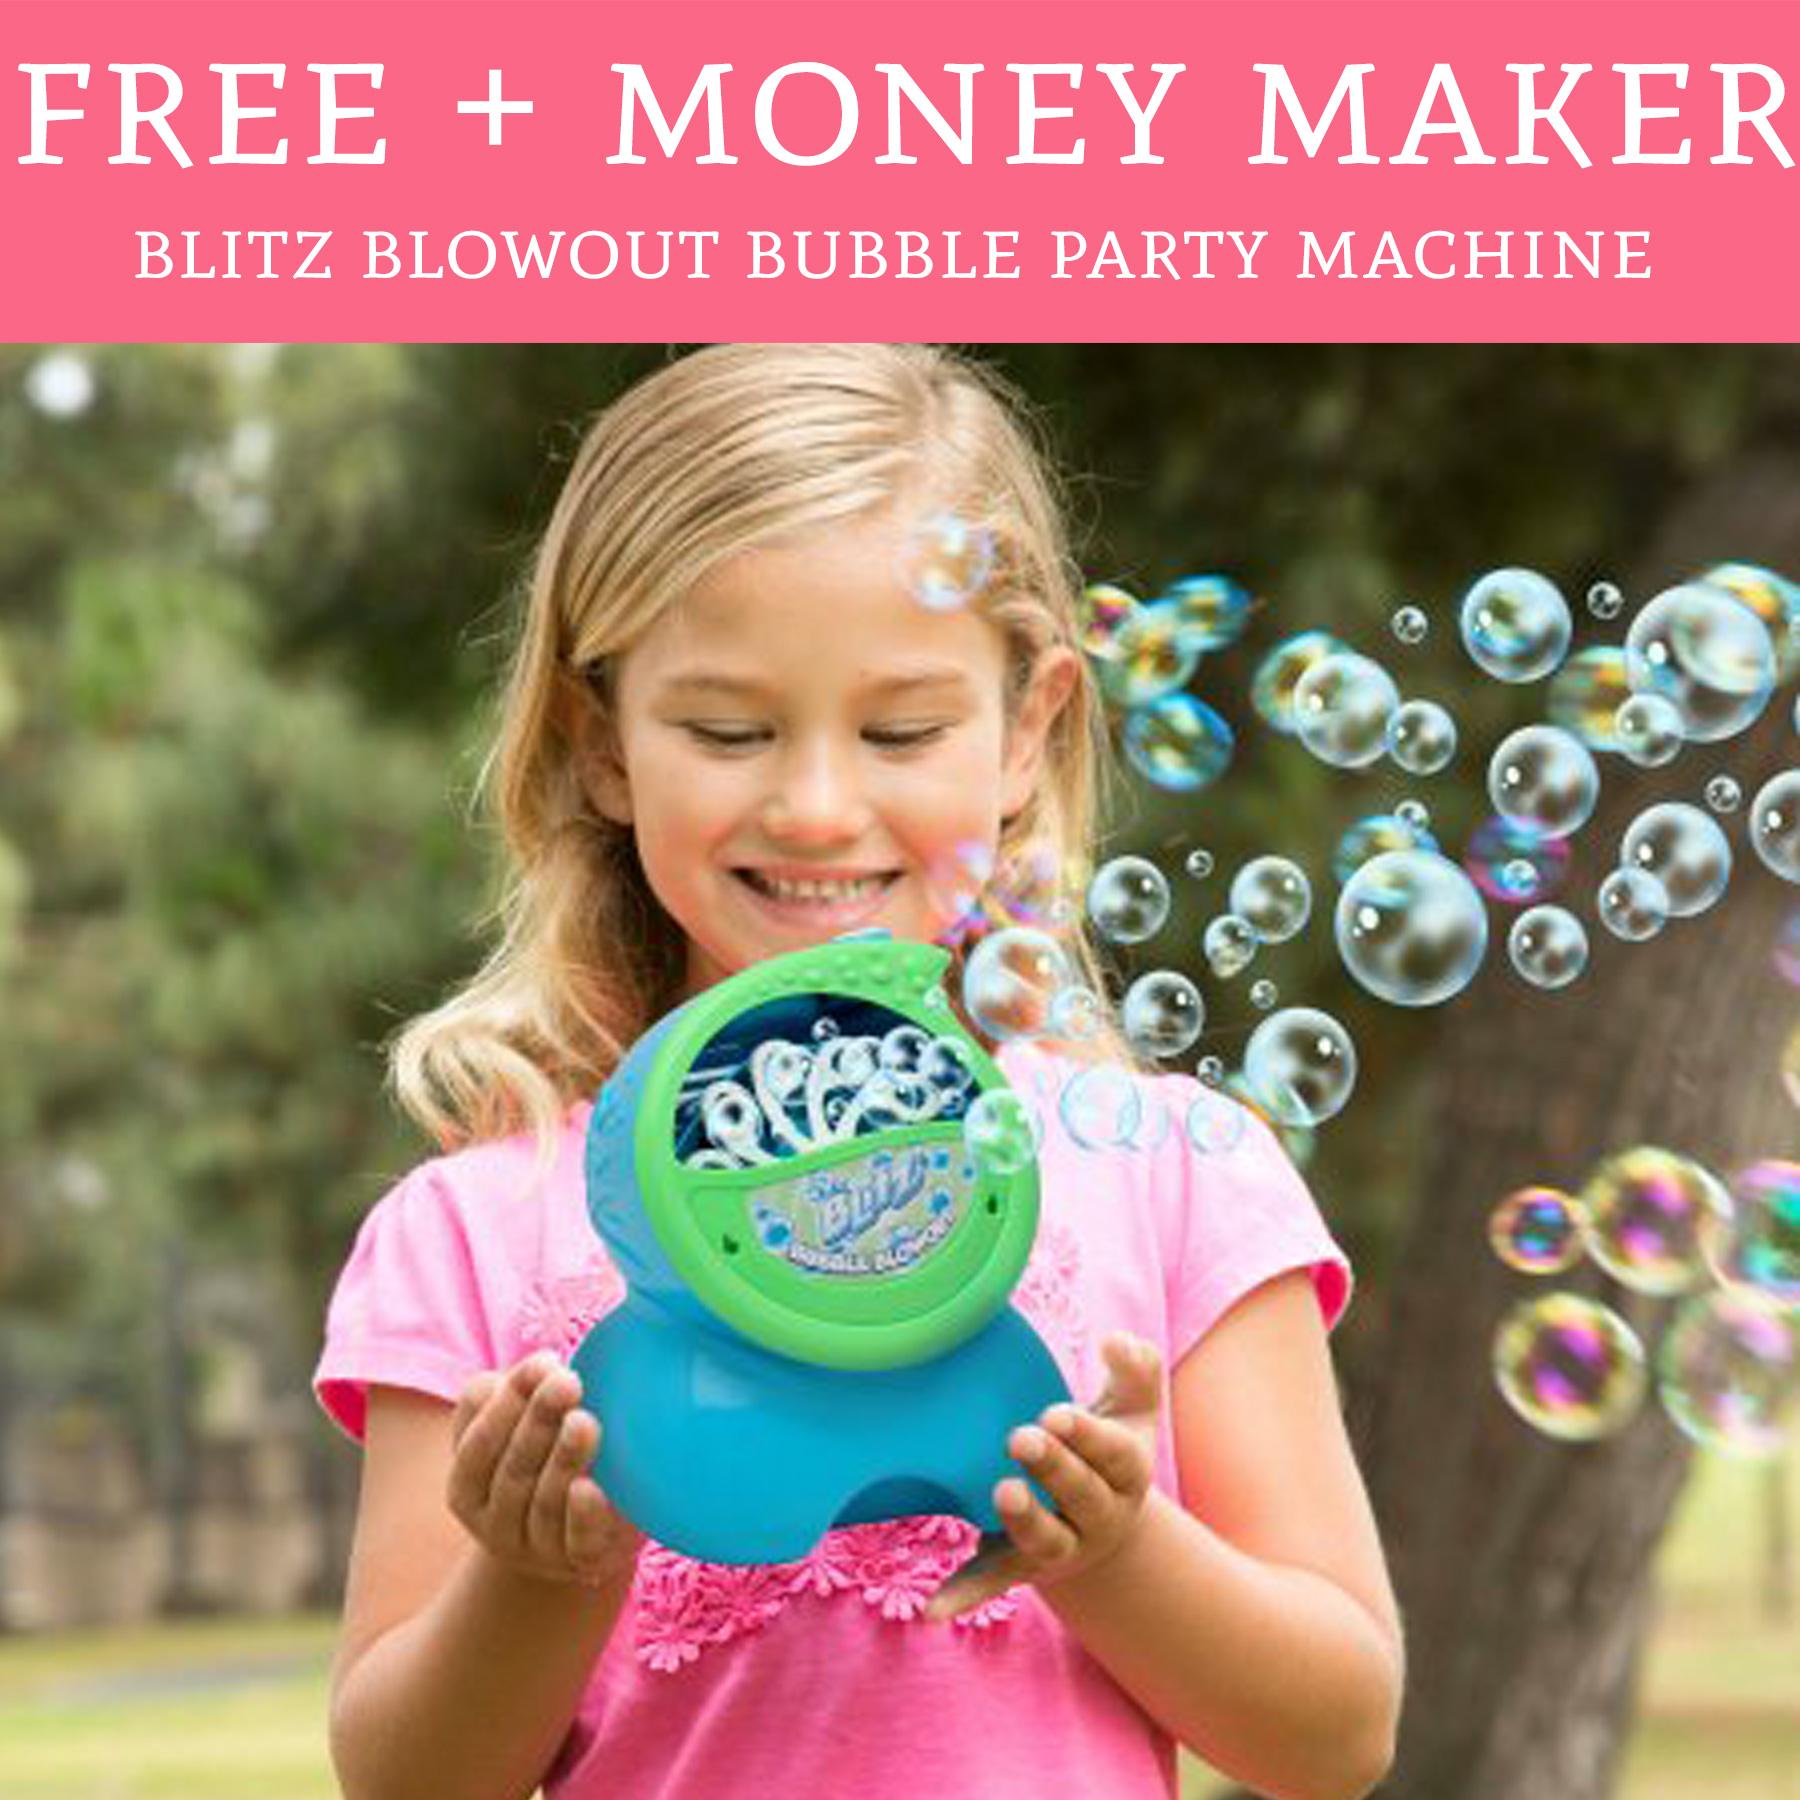 Free Money Maker Blitz Blowout Bubble Party Machine Deal